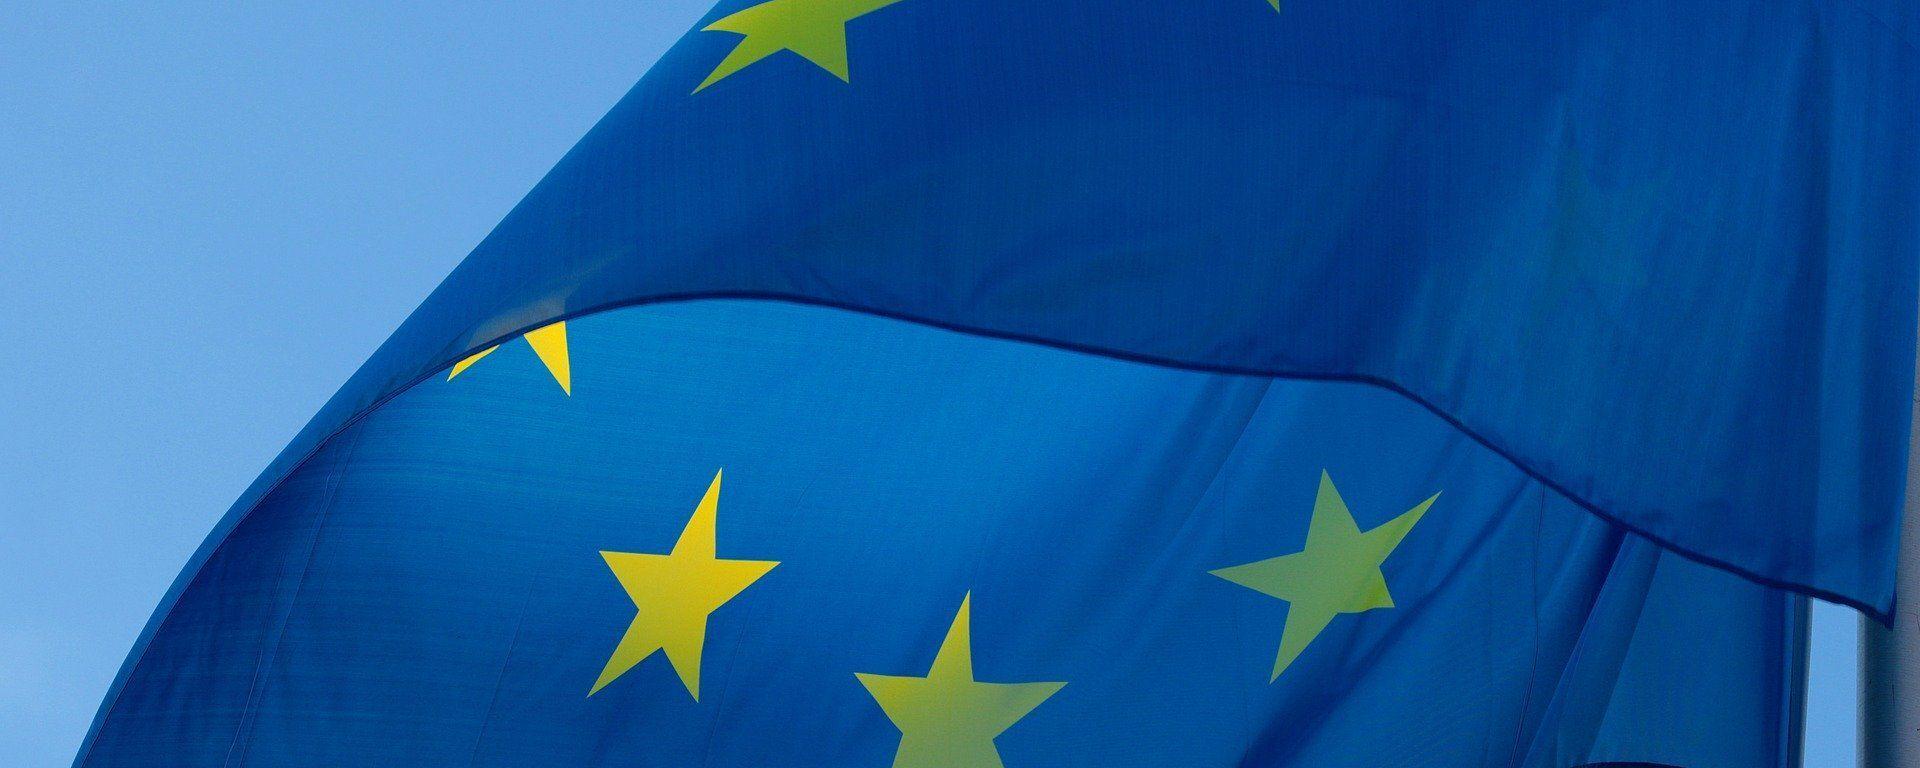 Bandera de la UE (imagen referencial) - Sputnik Mundo, 1920, 16.07.2021